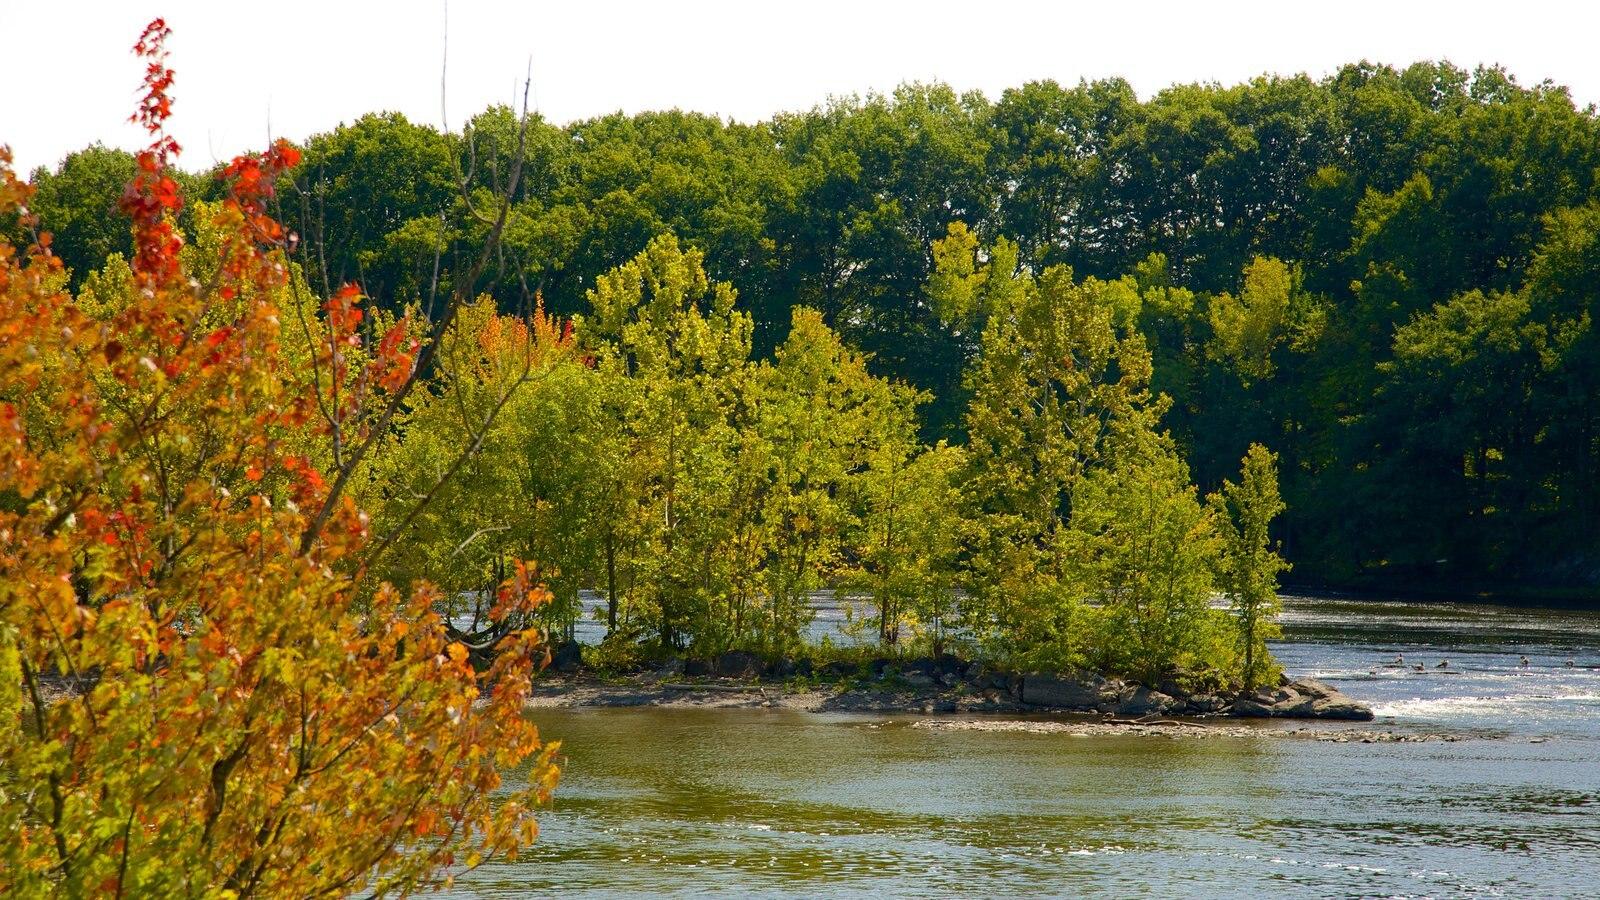 Stillwater mostrando los colores del otoño, escenas tranquilas y un río o arroyo